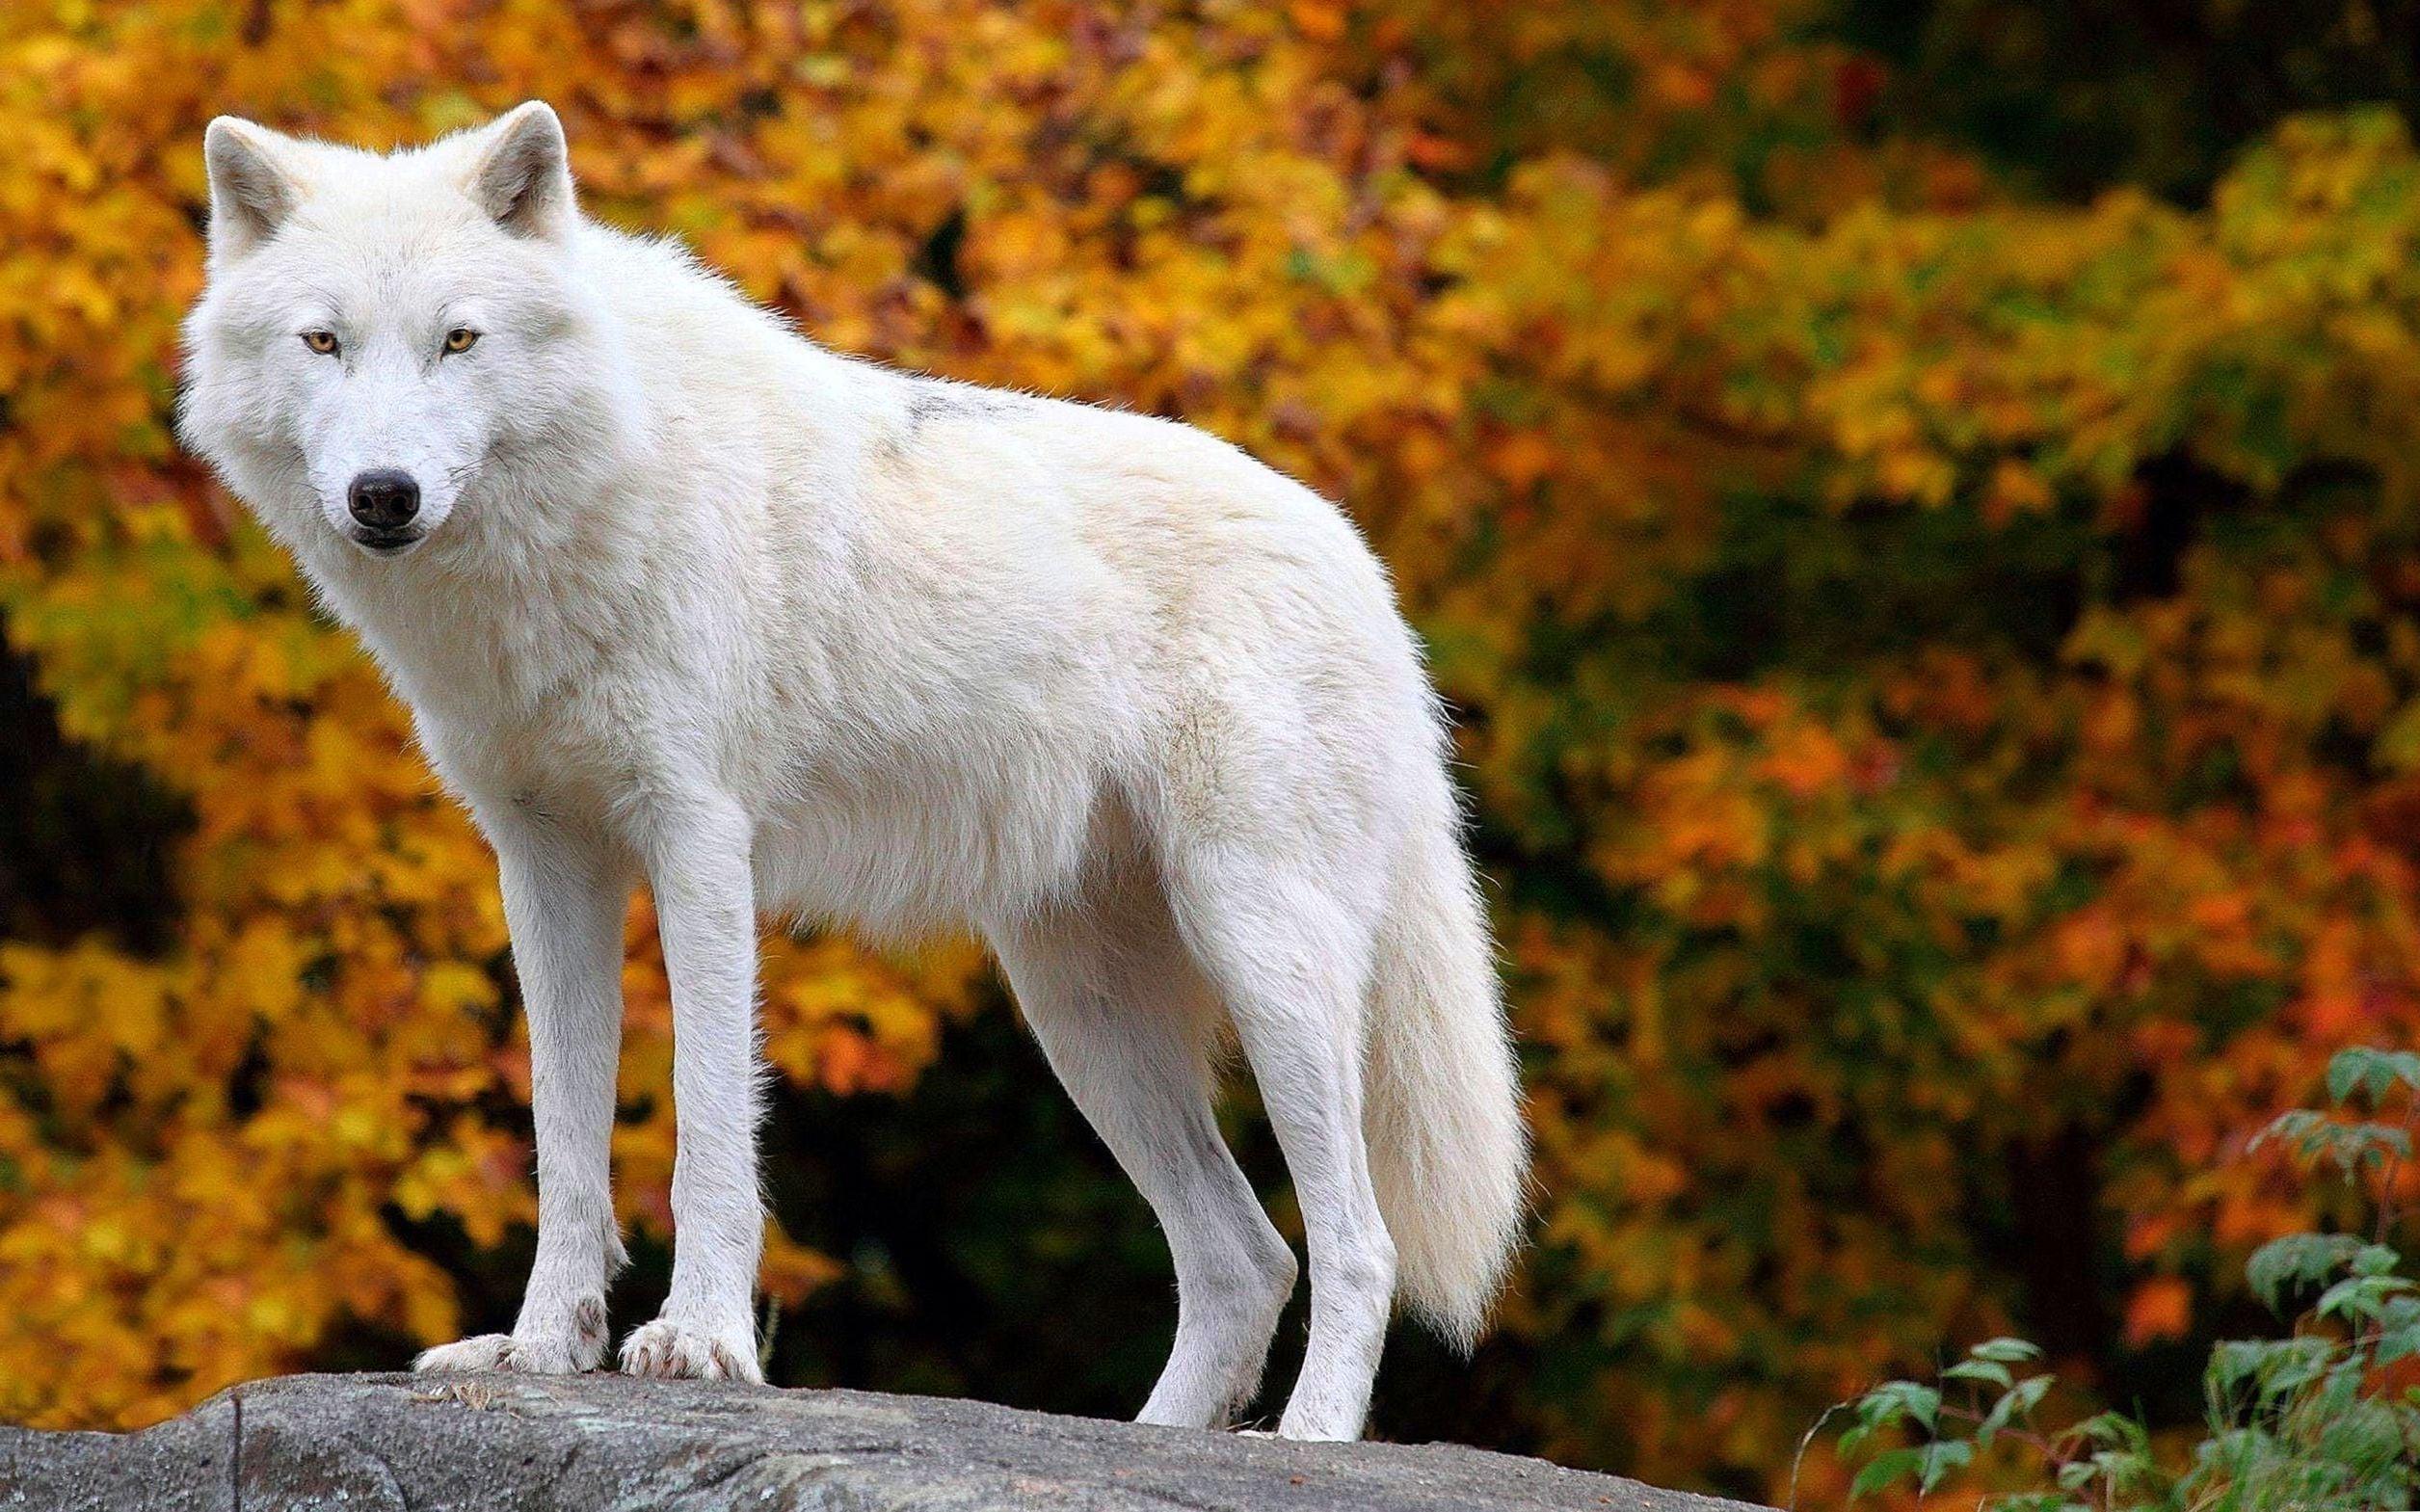 オオカミ壁紙かわいい 北極のオオカミの壁紙 2511x1569 Wallpapertip